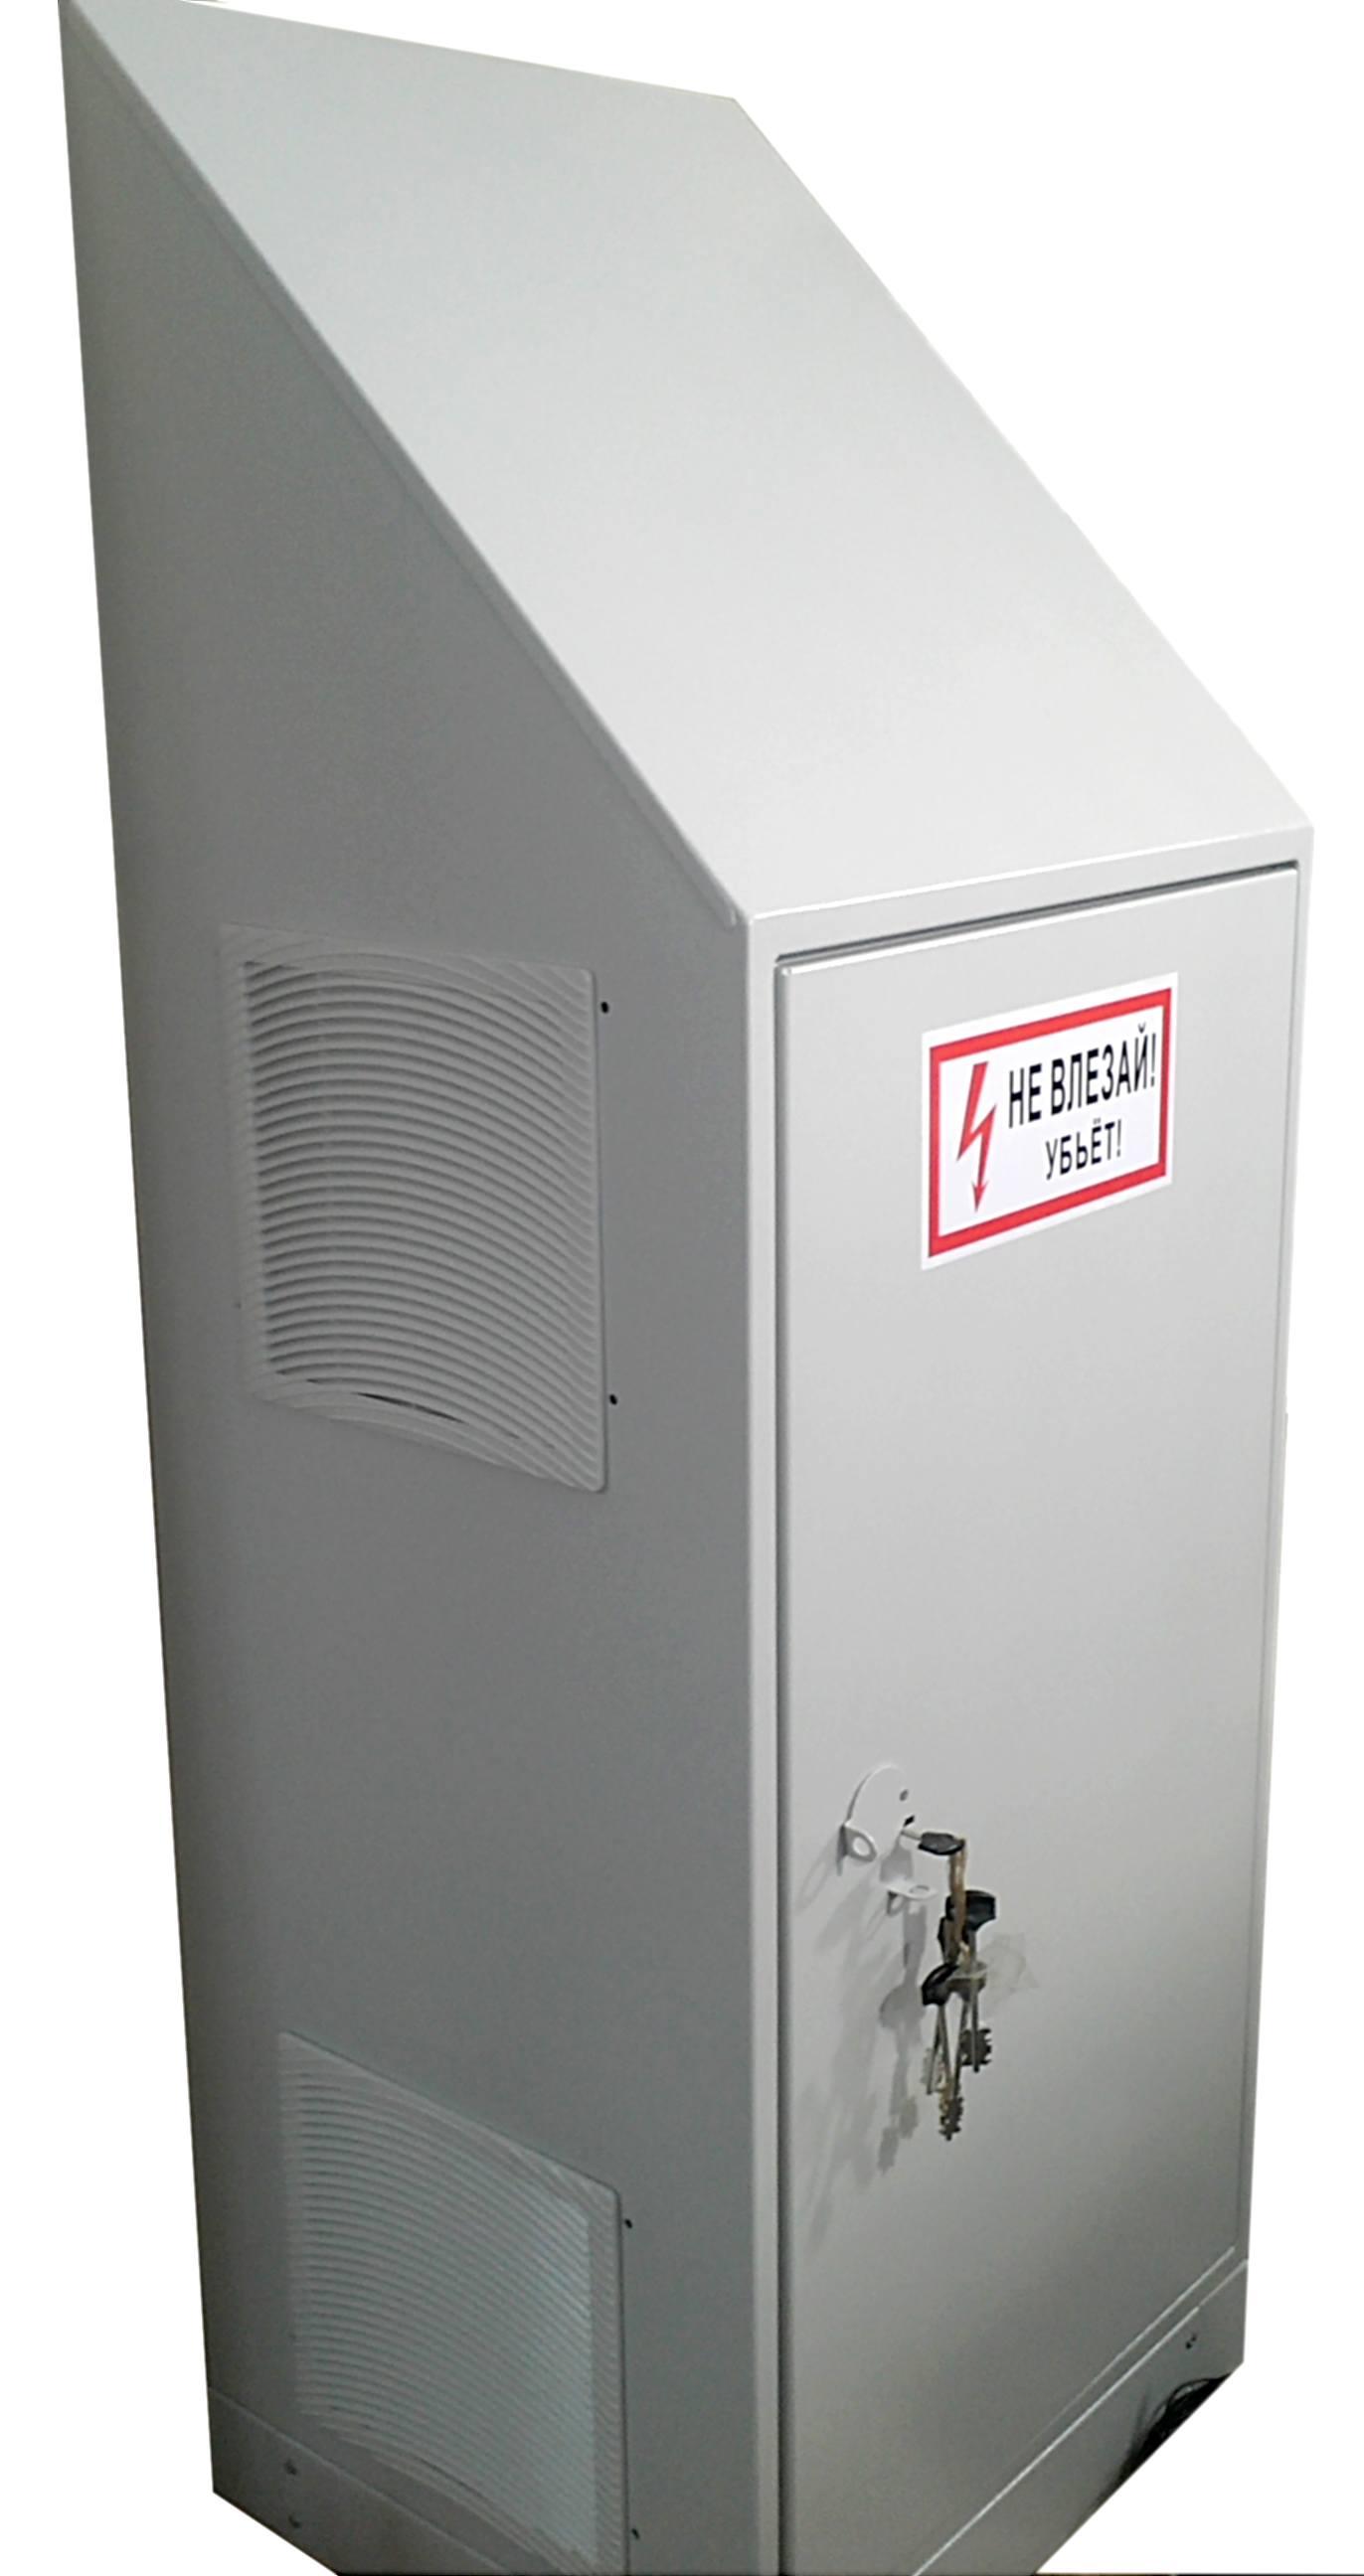 Антивандальный термошкаф для спец. объектов с мощной вентиляцией